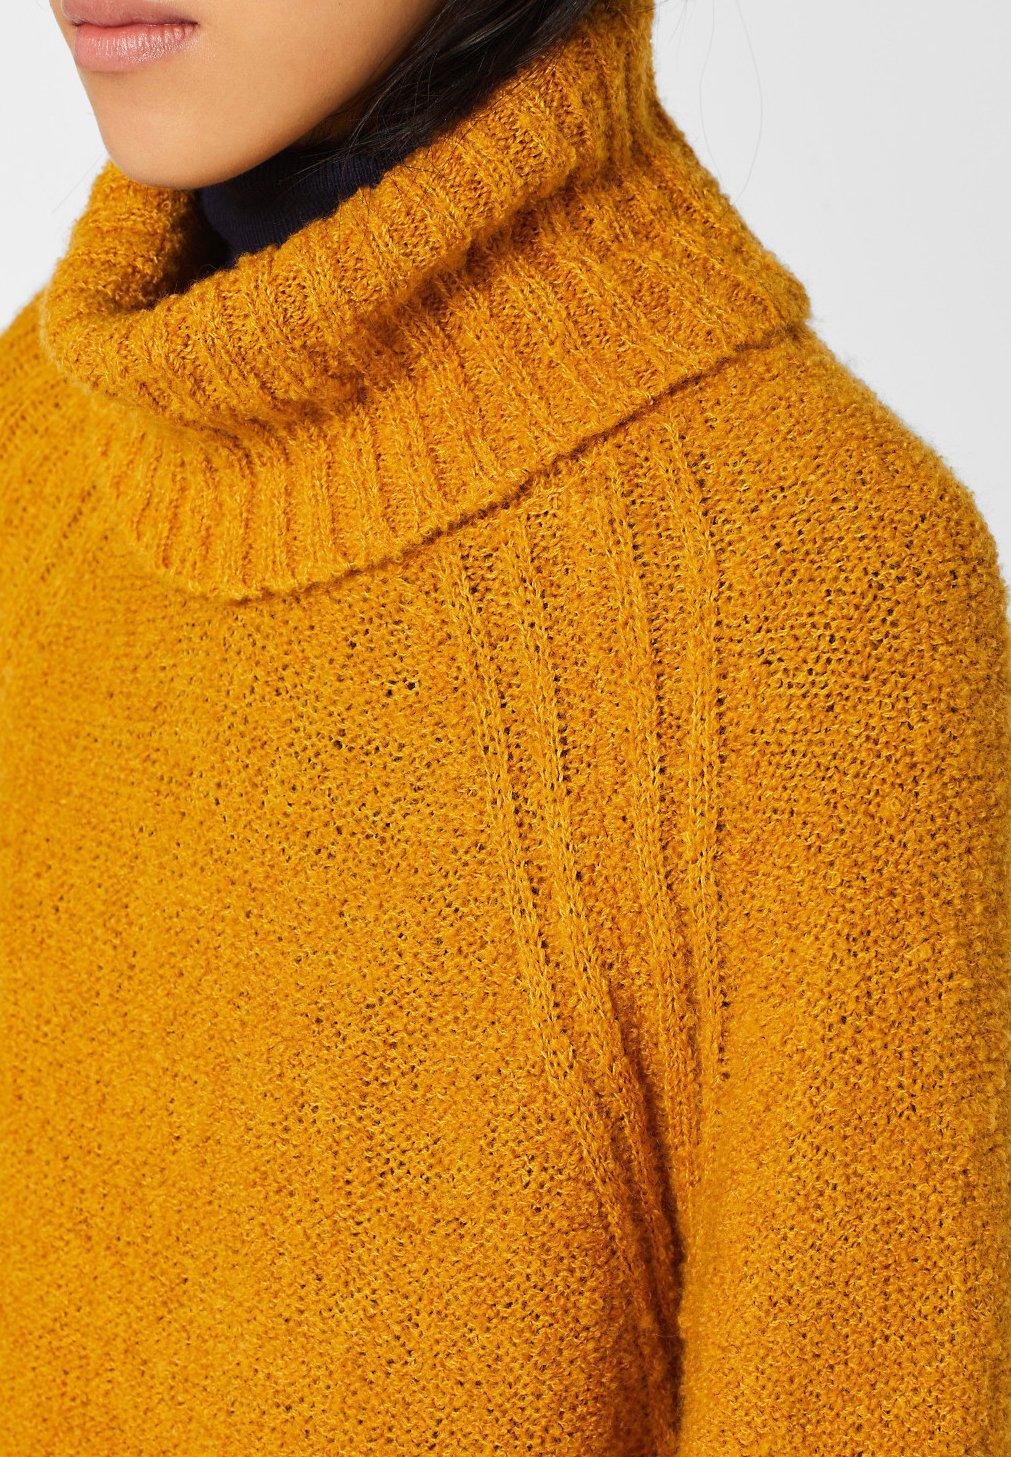 Esprit yellow ROLLKRAGENStrickpullover by edc MIT honey qMVpSzGU